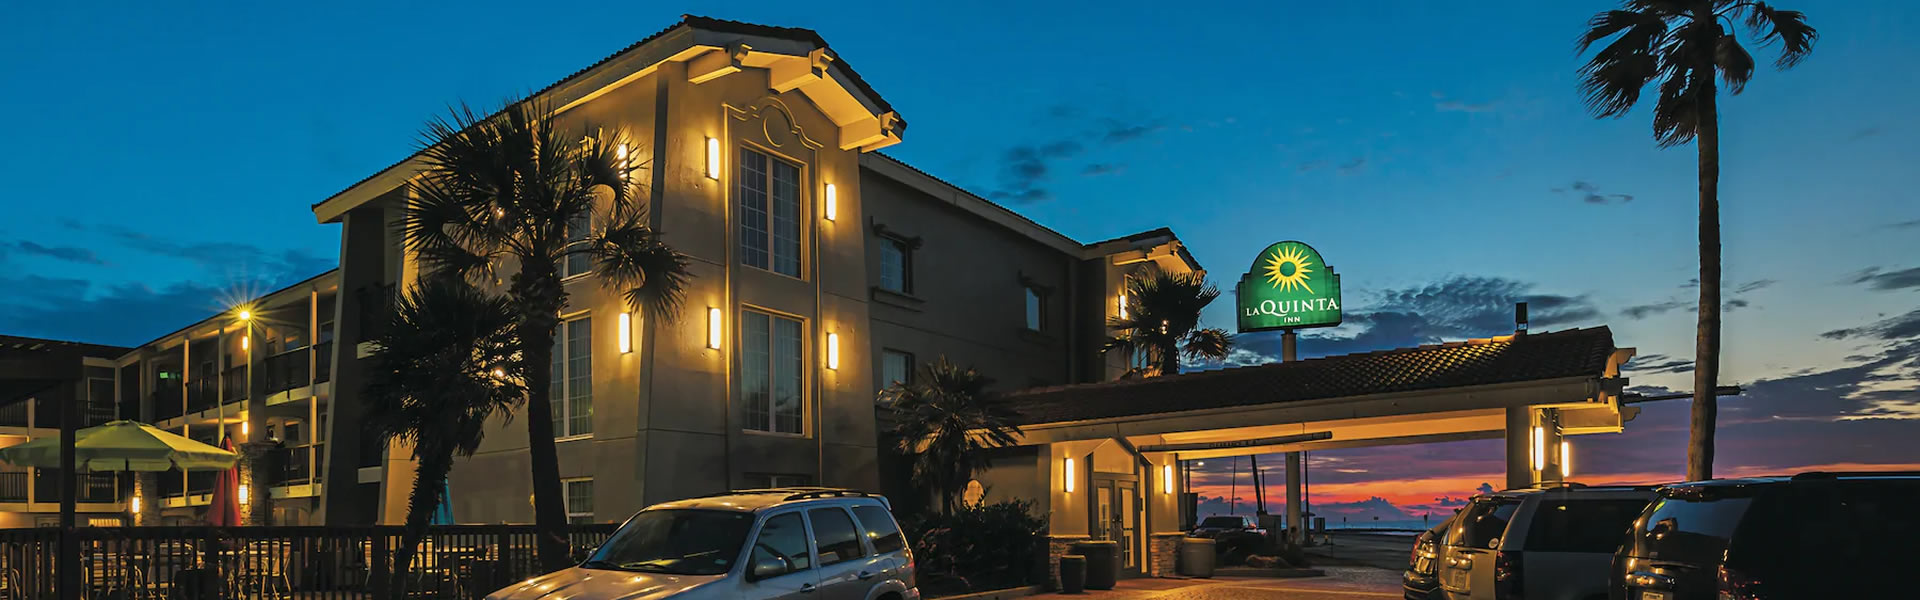 La Quinta Inn Galveston